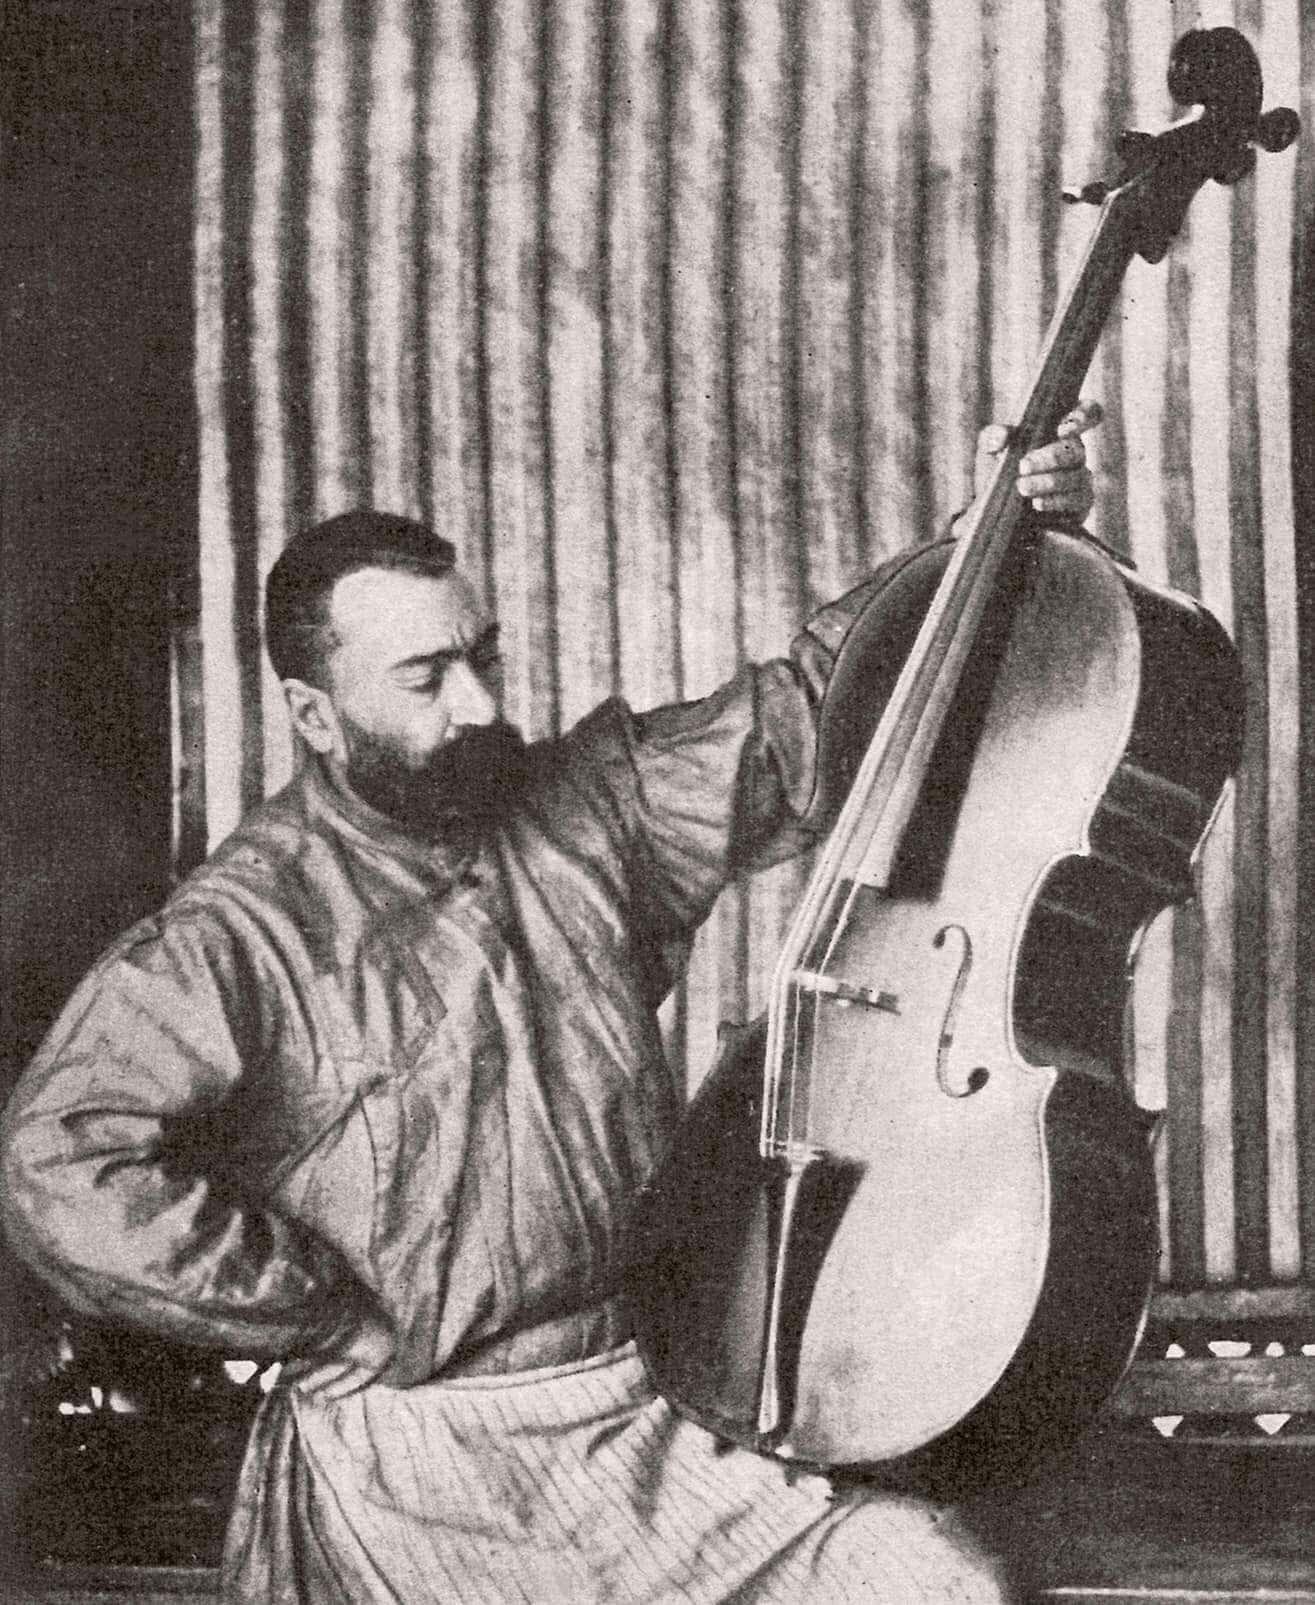 Скрипичный мастер Анатолий Леман